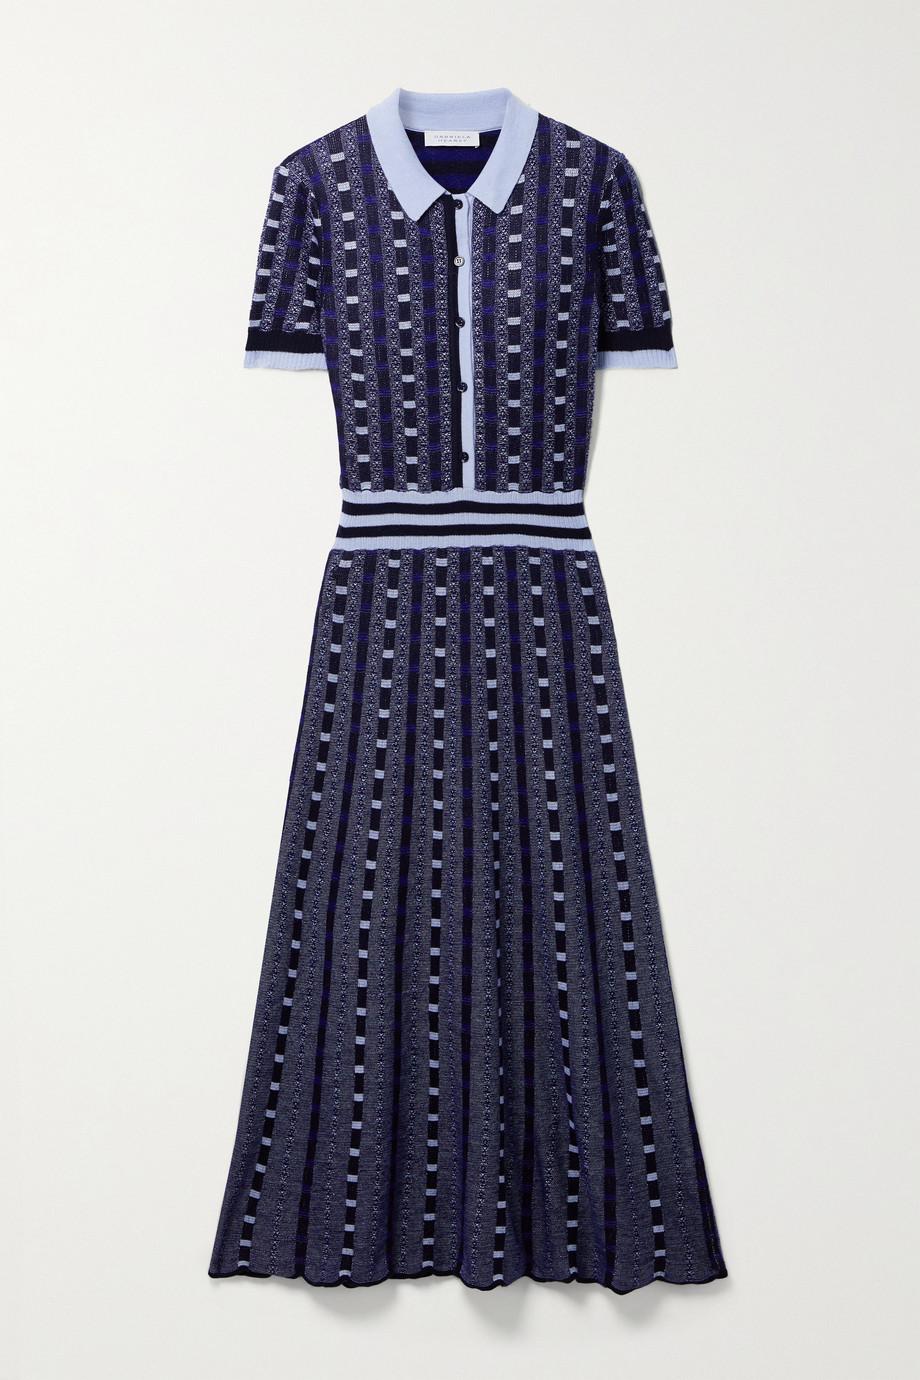 Gabriela Hearst Elvis Hemdblusenkleid aus Jacquard-Strick aus einer Kaschmir-Seidenmischung